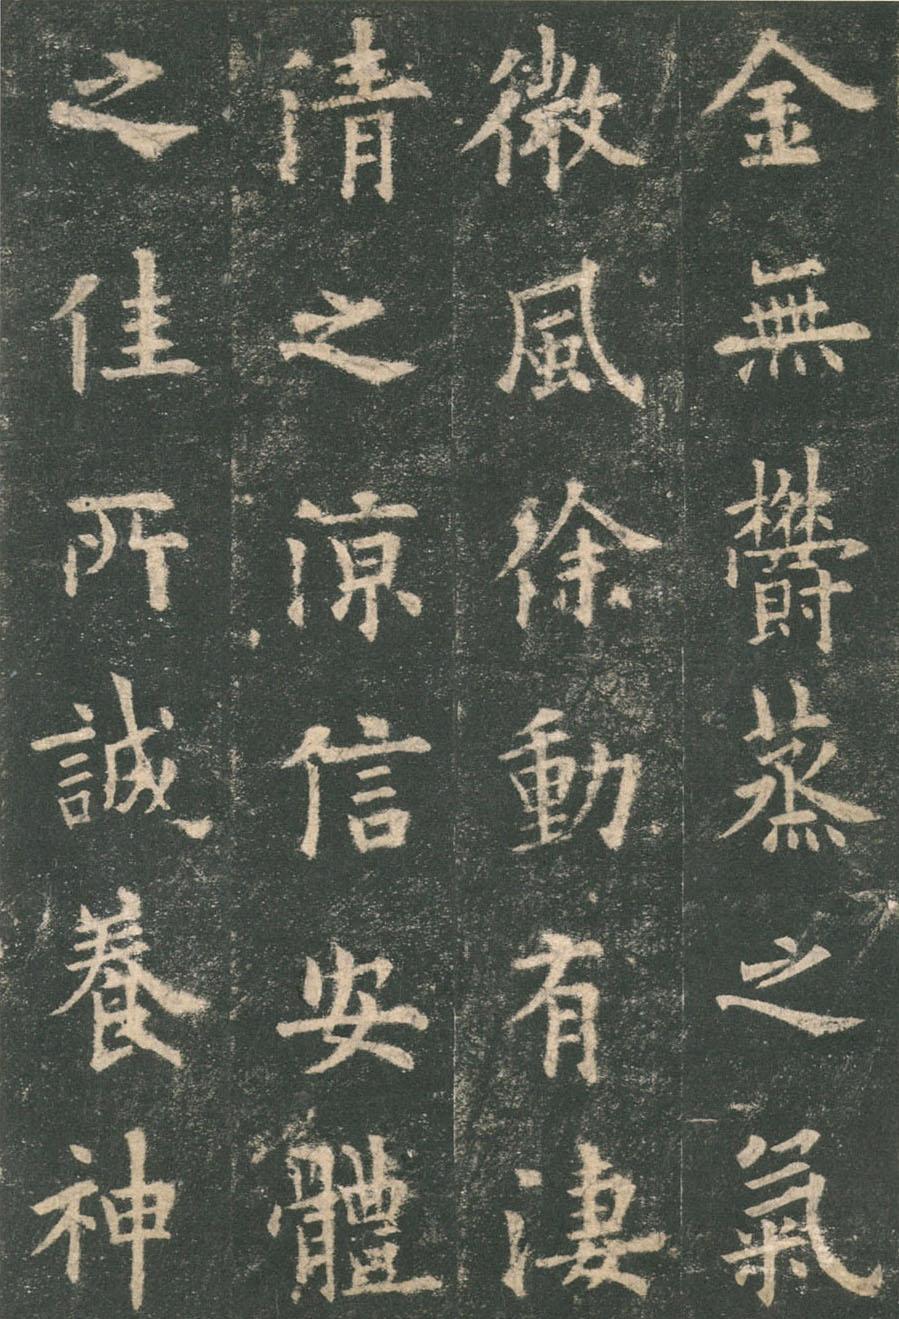 『九成宮醴泉銘』(部分) 欧陽詢筆